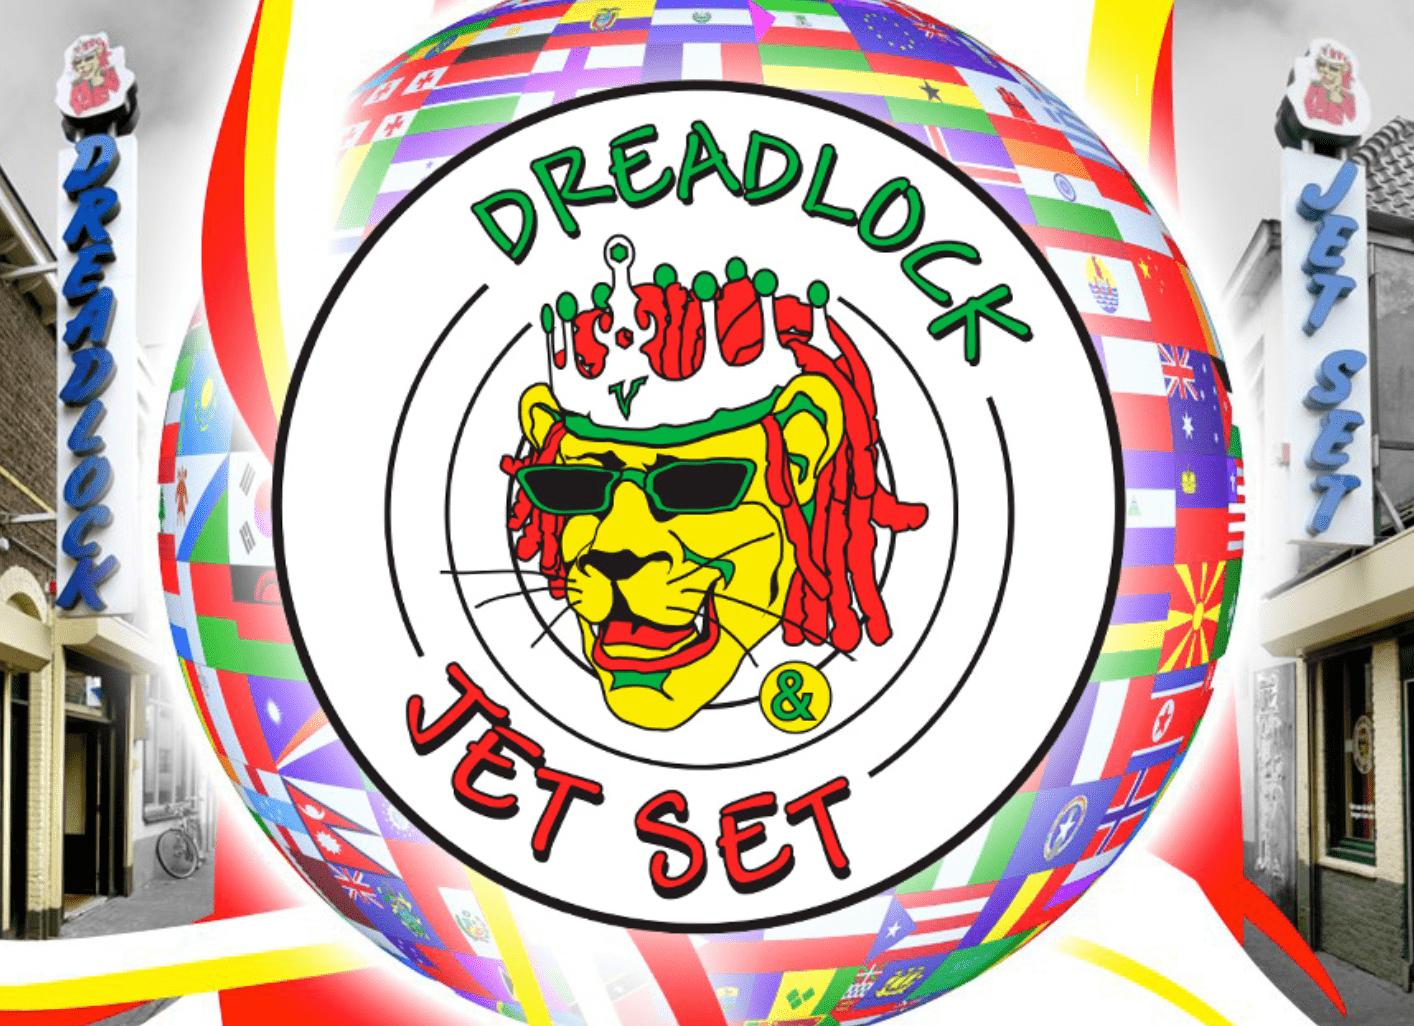 Dreadlock & Jetset Nijmegen